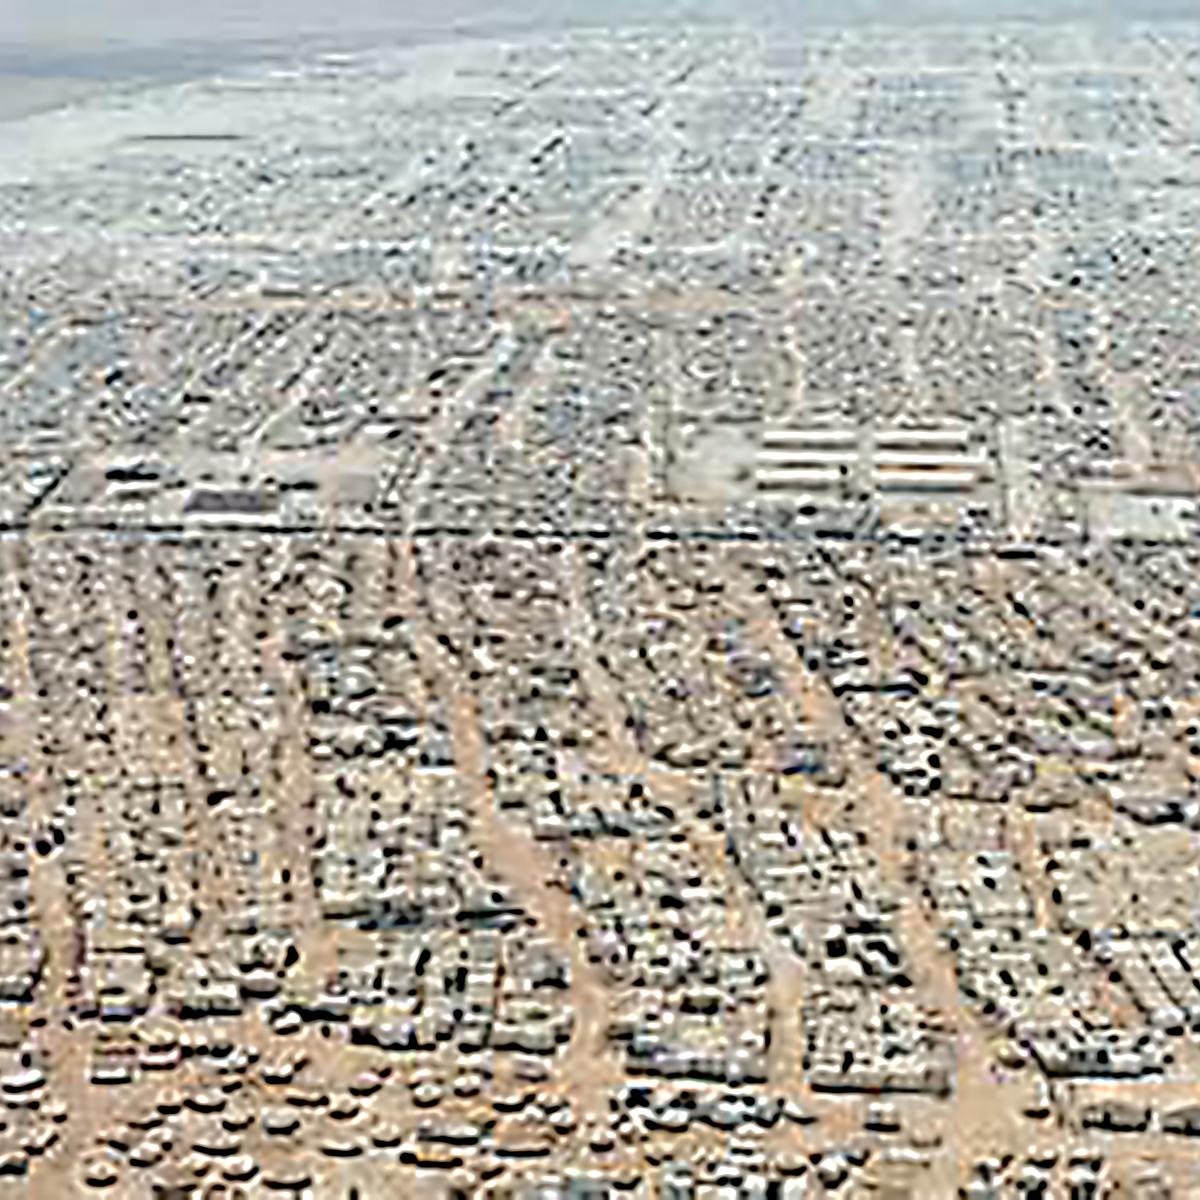 IWDC-Photo-RefugeeCamp-2.jpg